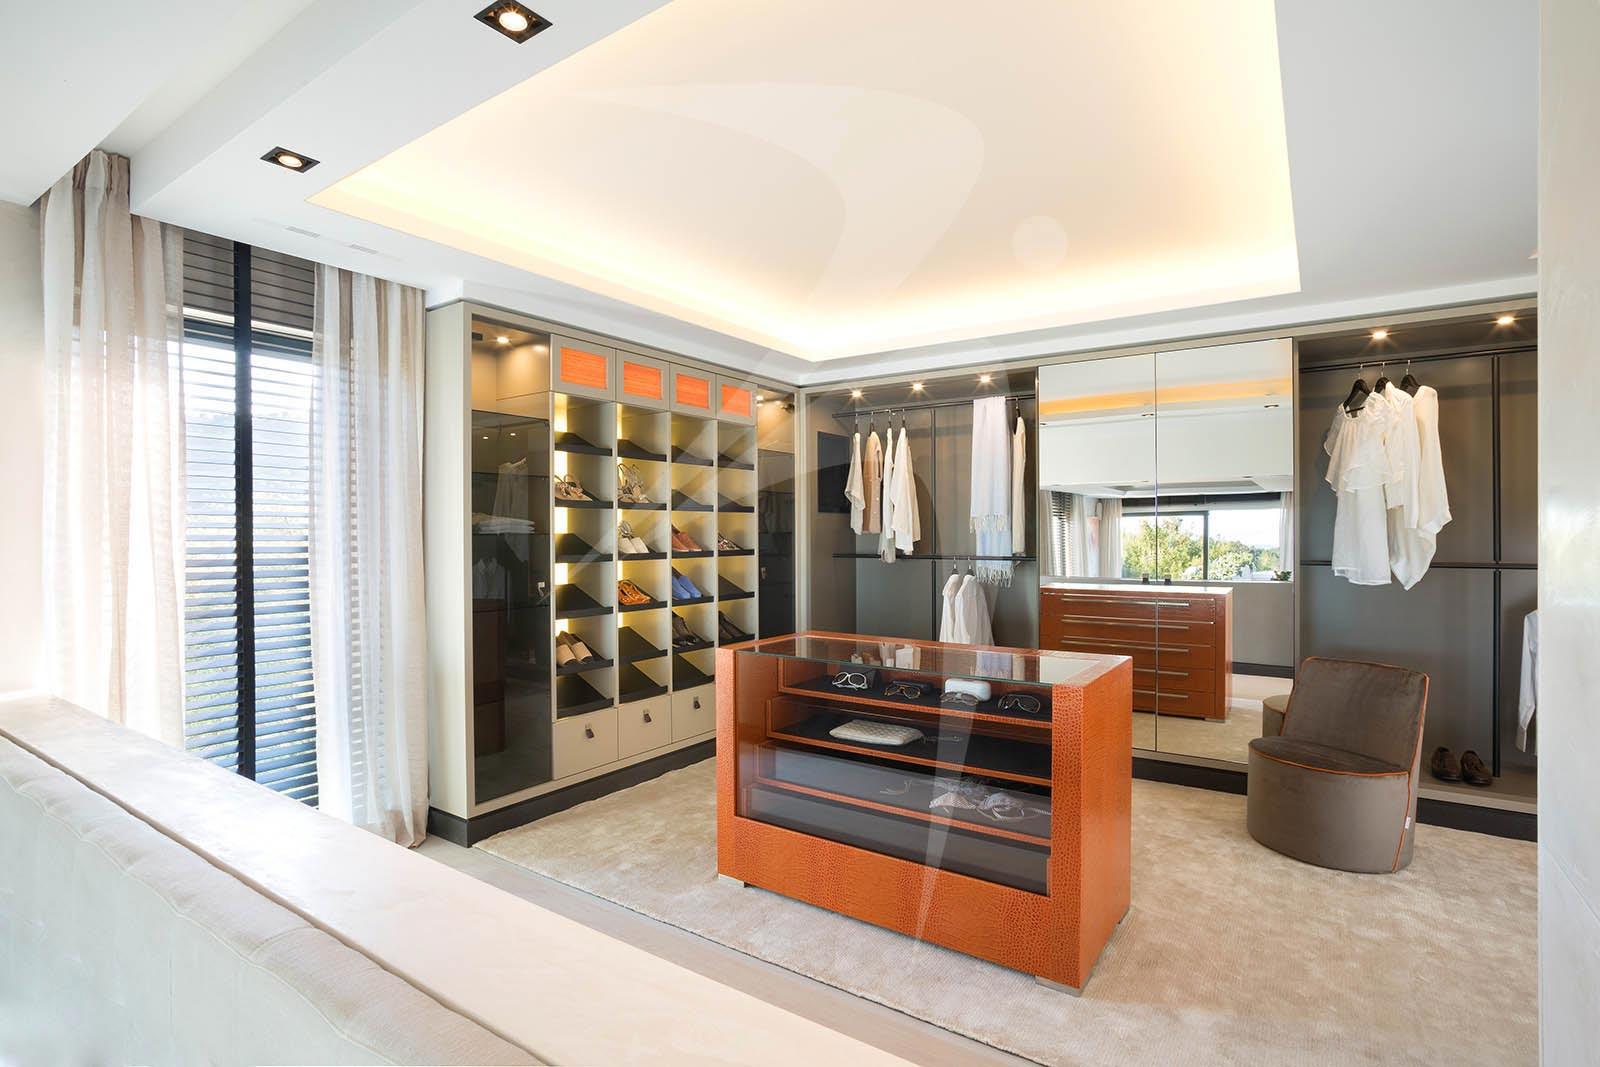 11_VillaRachel_dressingroom